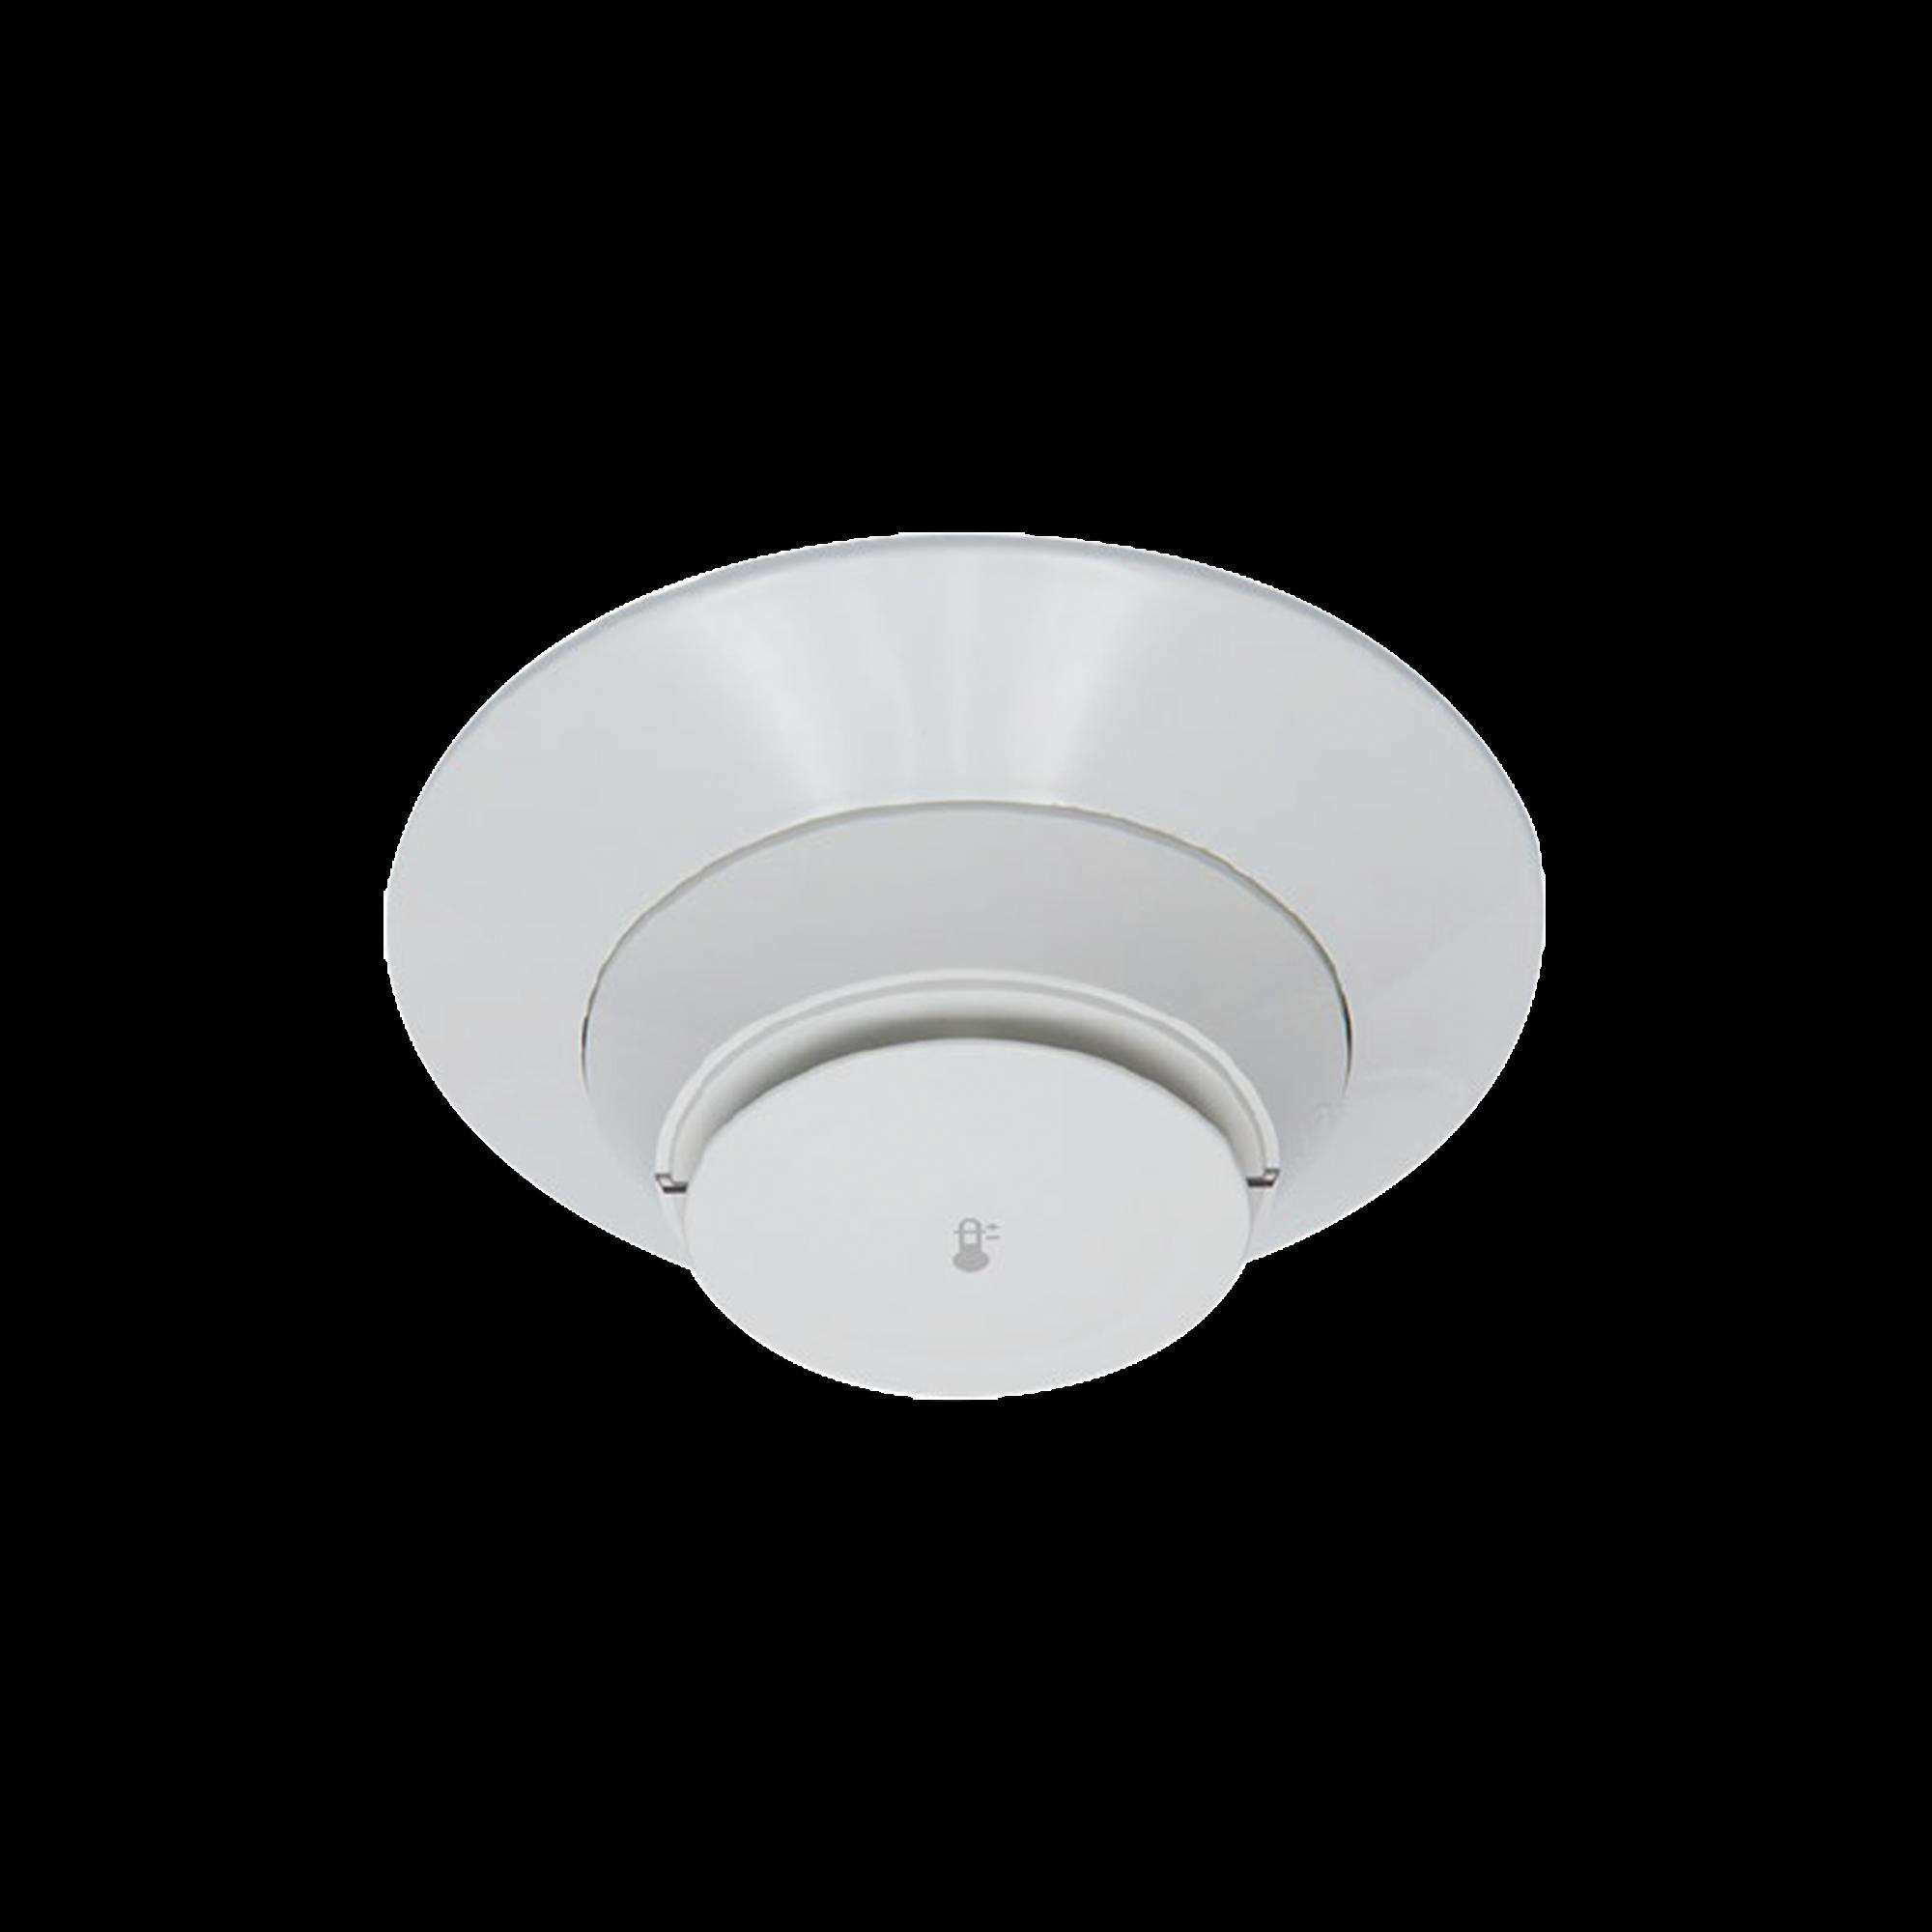 Detector de Calor Fijo a 57 ?C / Direccionable / Incluye Base / Color Blanco